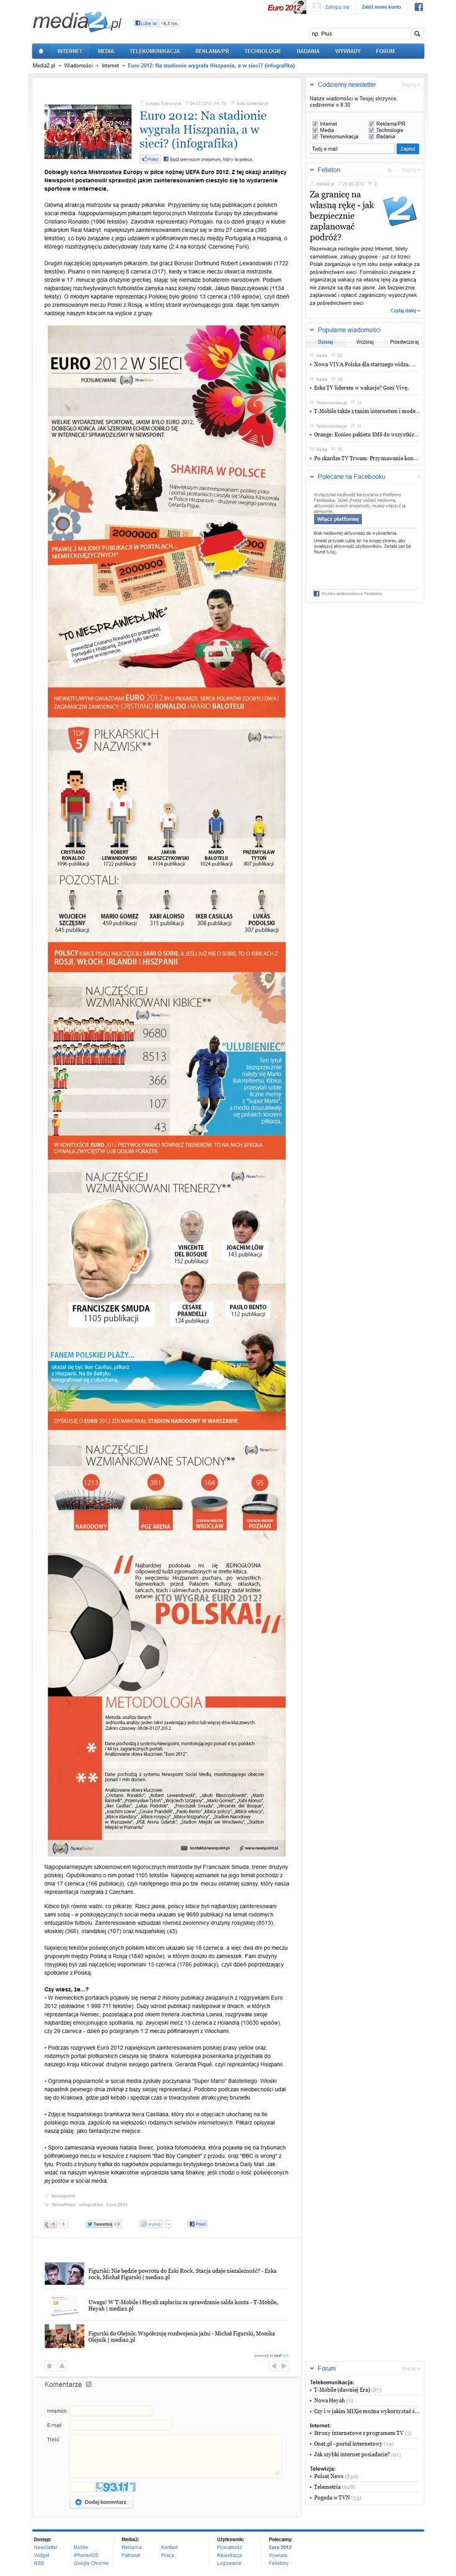 Artykuł opublikowany w środę (4 lipca) w portalu media2.pl, źródło: http://media2.pl/internet/93761-Euro-2012-Na-stadionie-wygrala-Hiszpania,-a-w-sieci-infografika.html